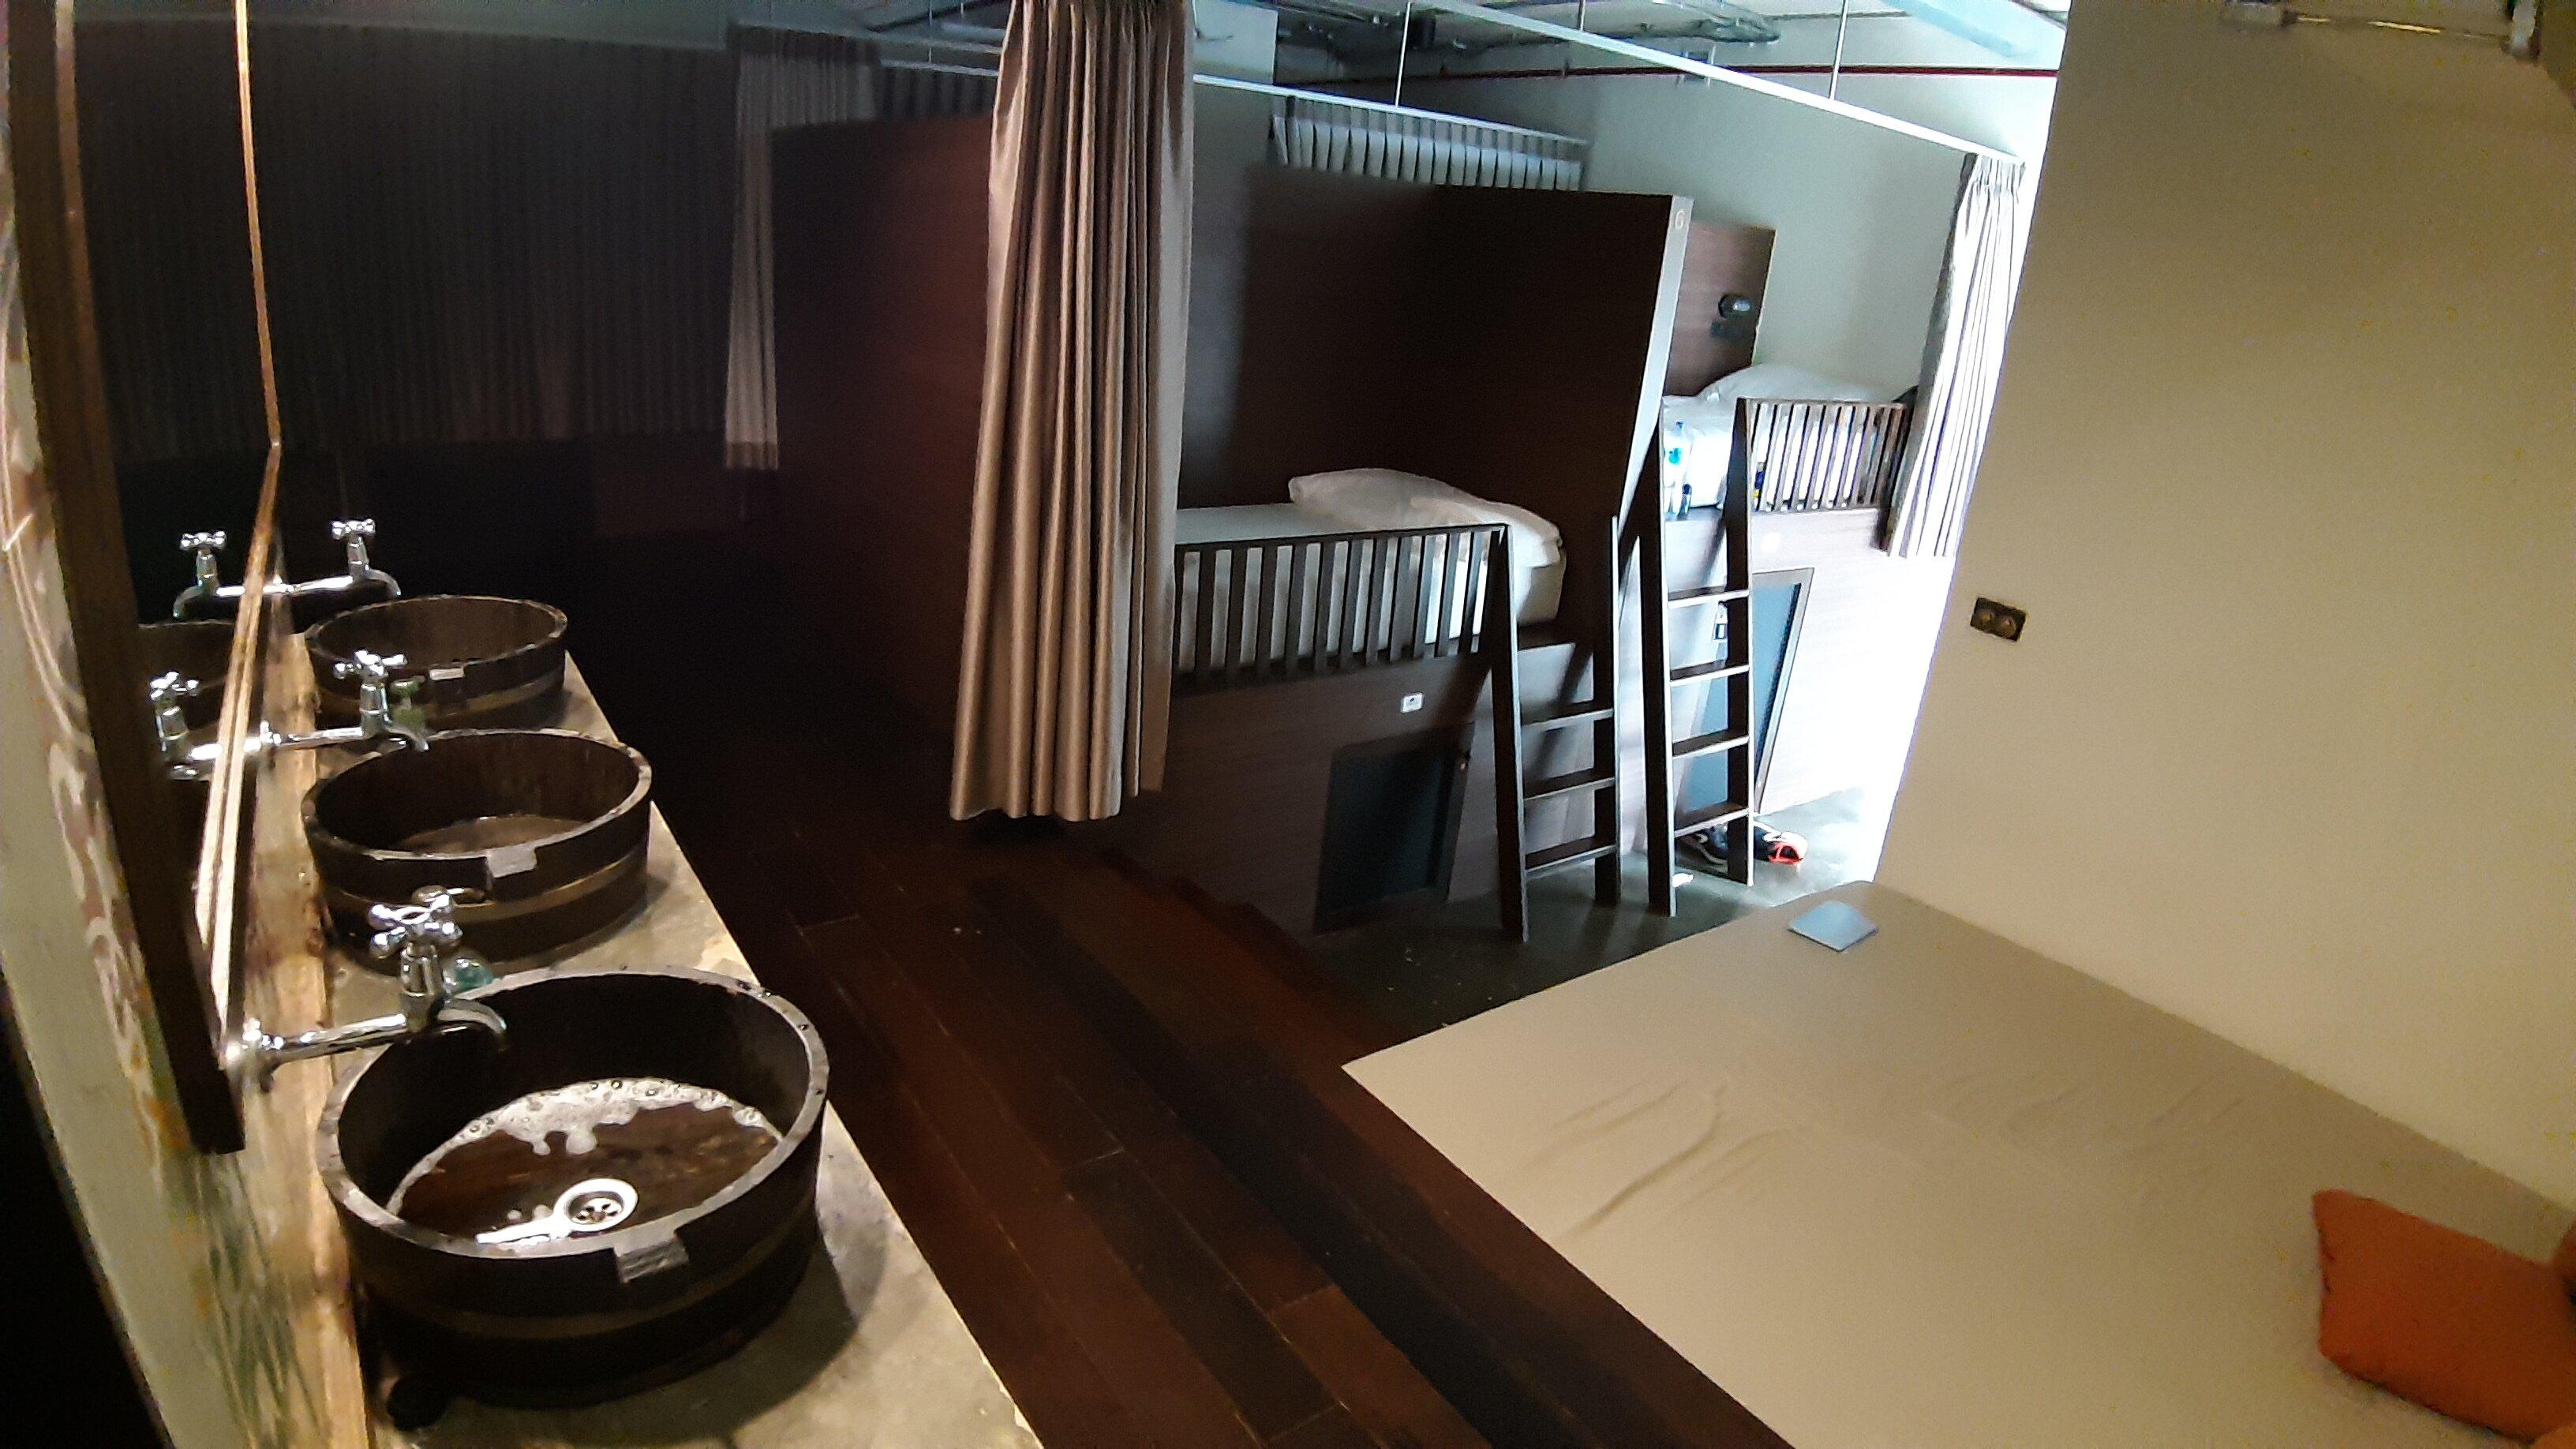 Mixed hostel dorm in Chao Hostel Bangkok.